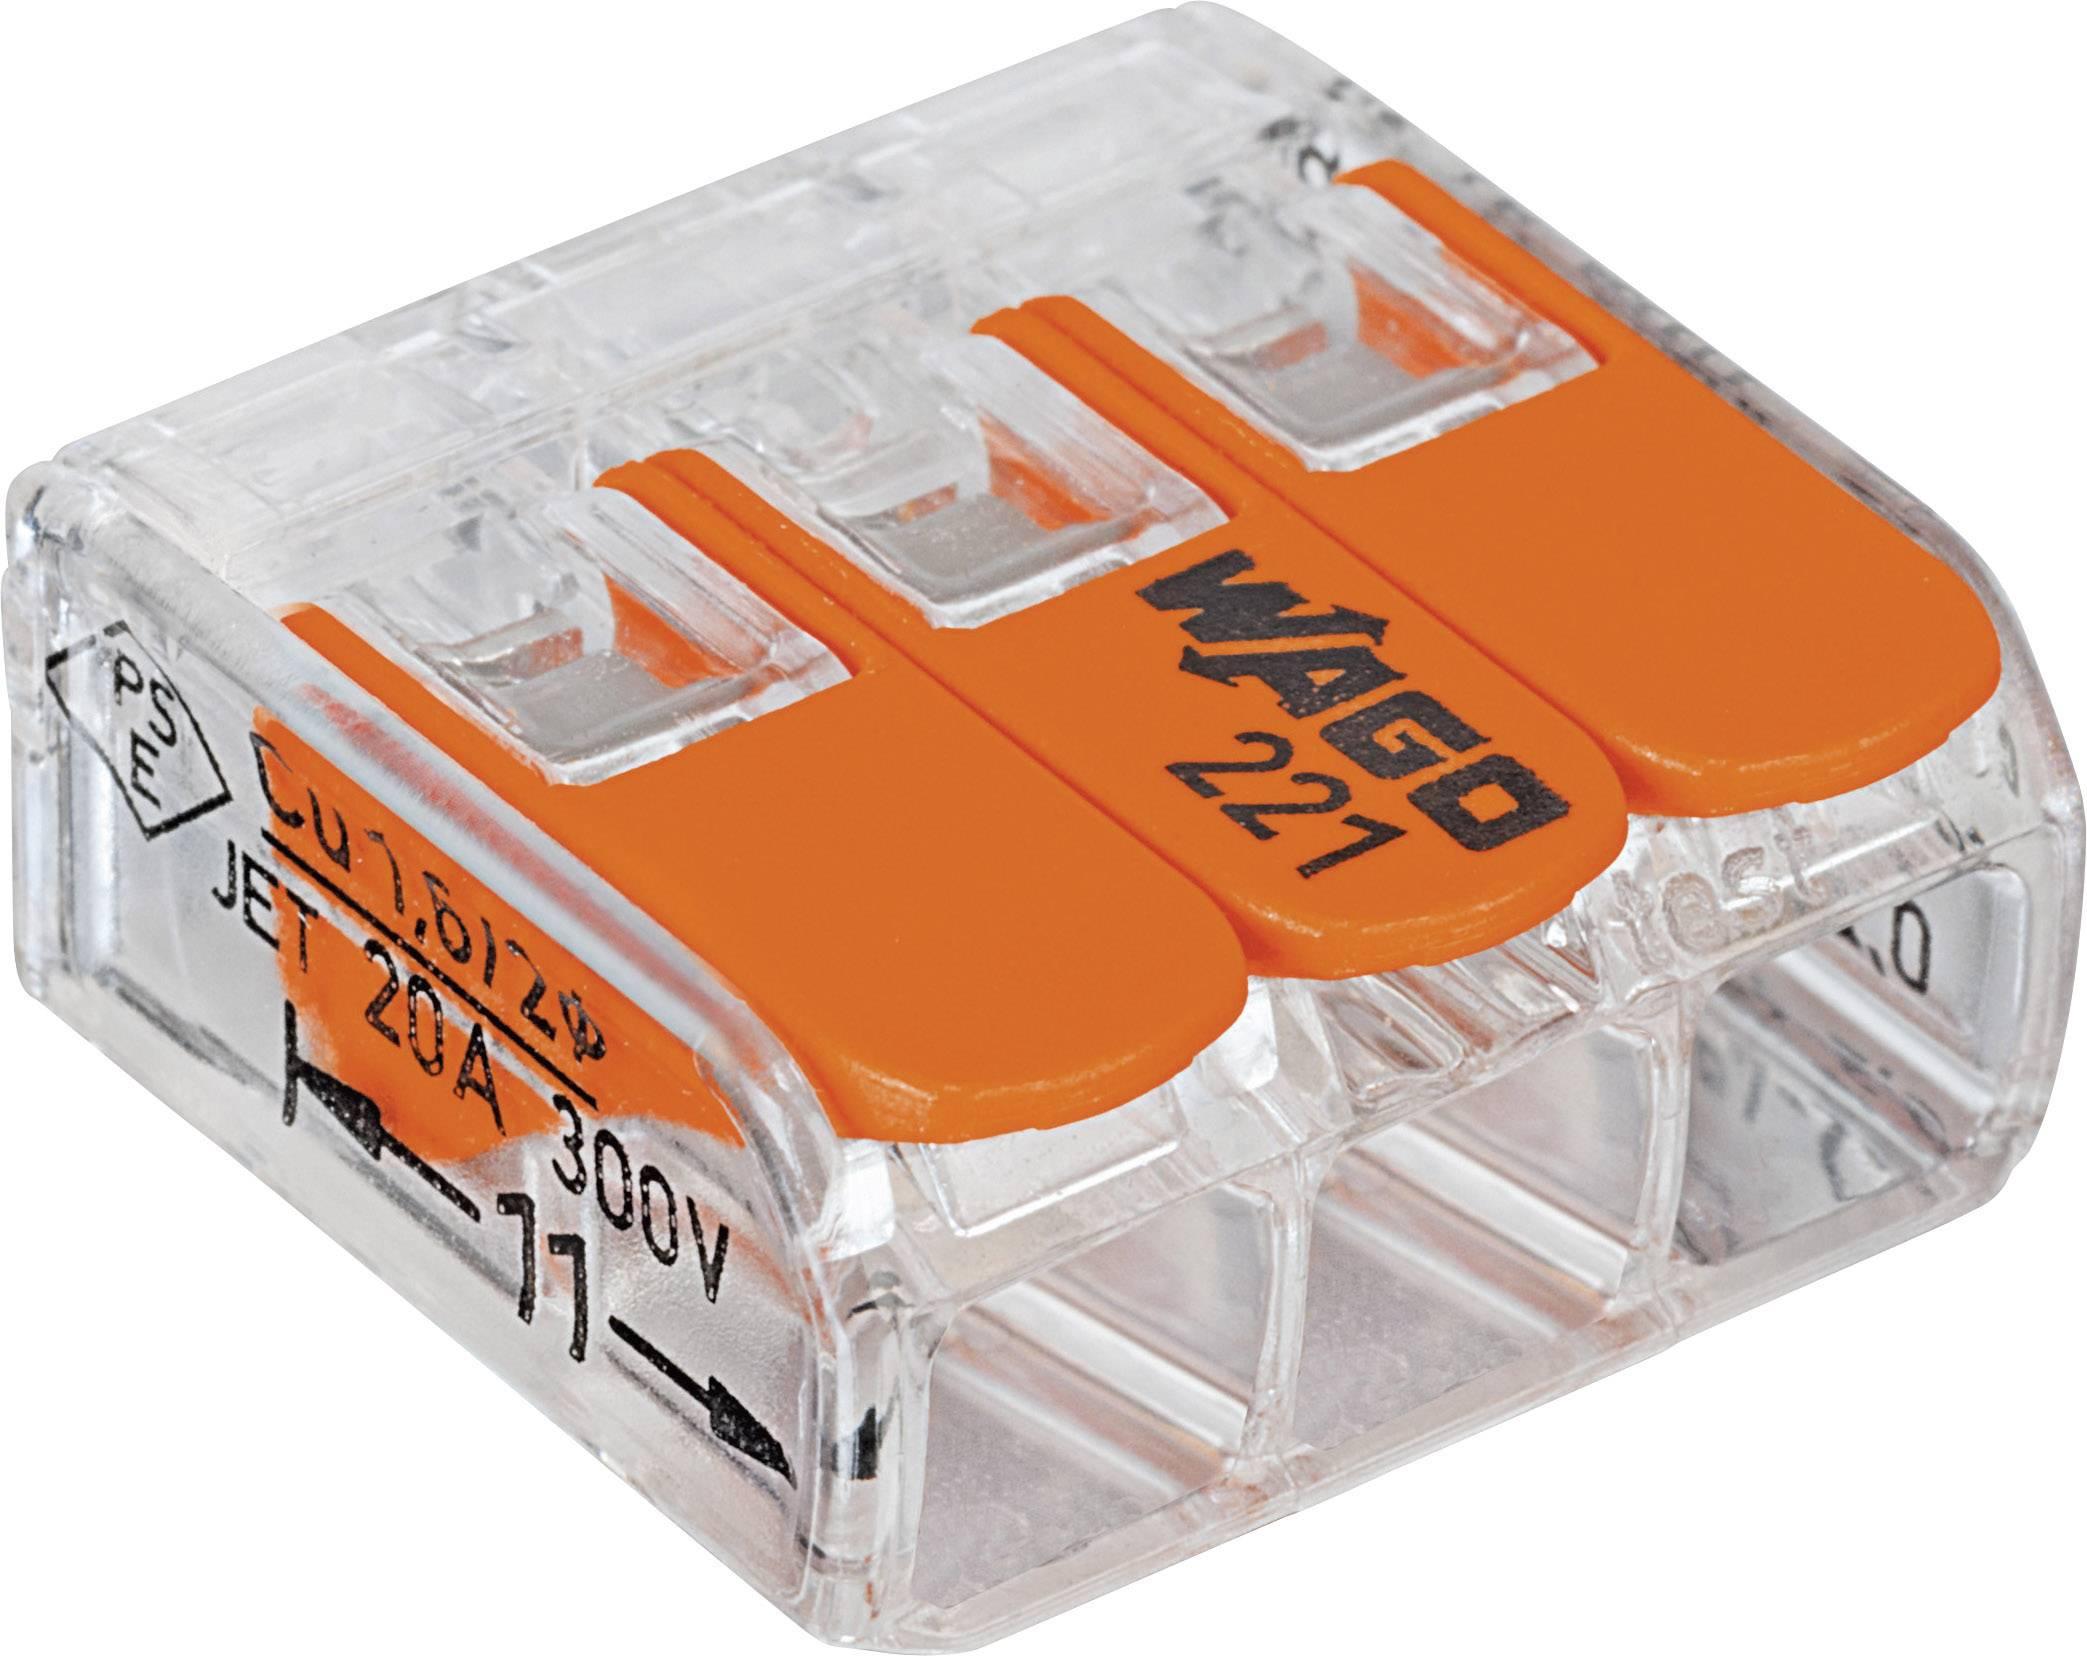 Kabelová svorka WAGO 221 pro průřez 0.14-4 mm² nebo 0.2-4 mm², 3 póly, transparentní, oranžová, 1 ks